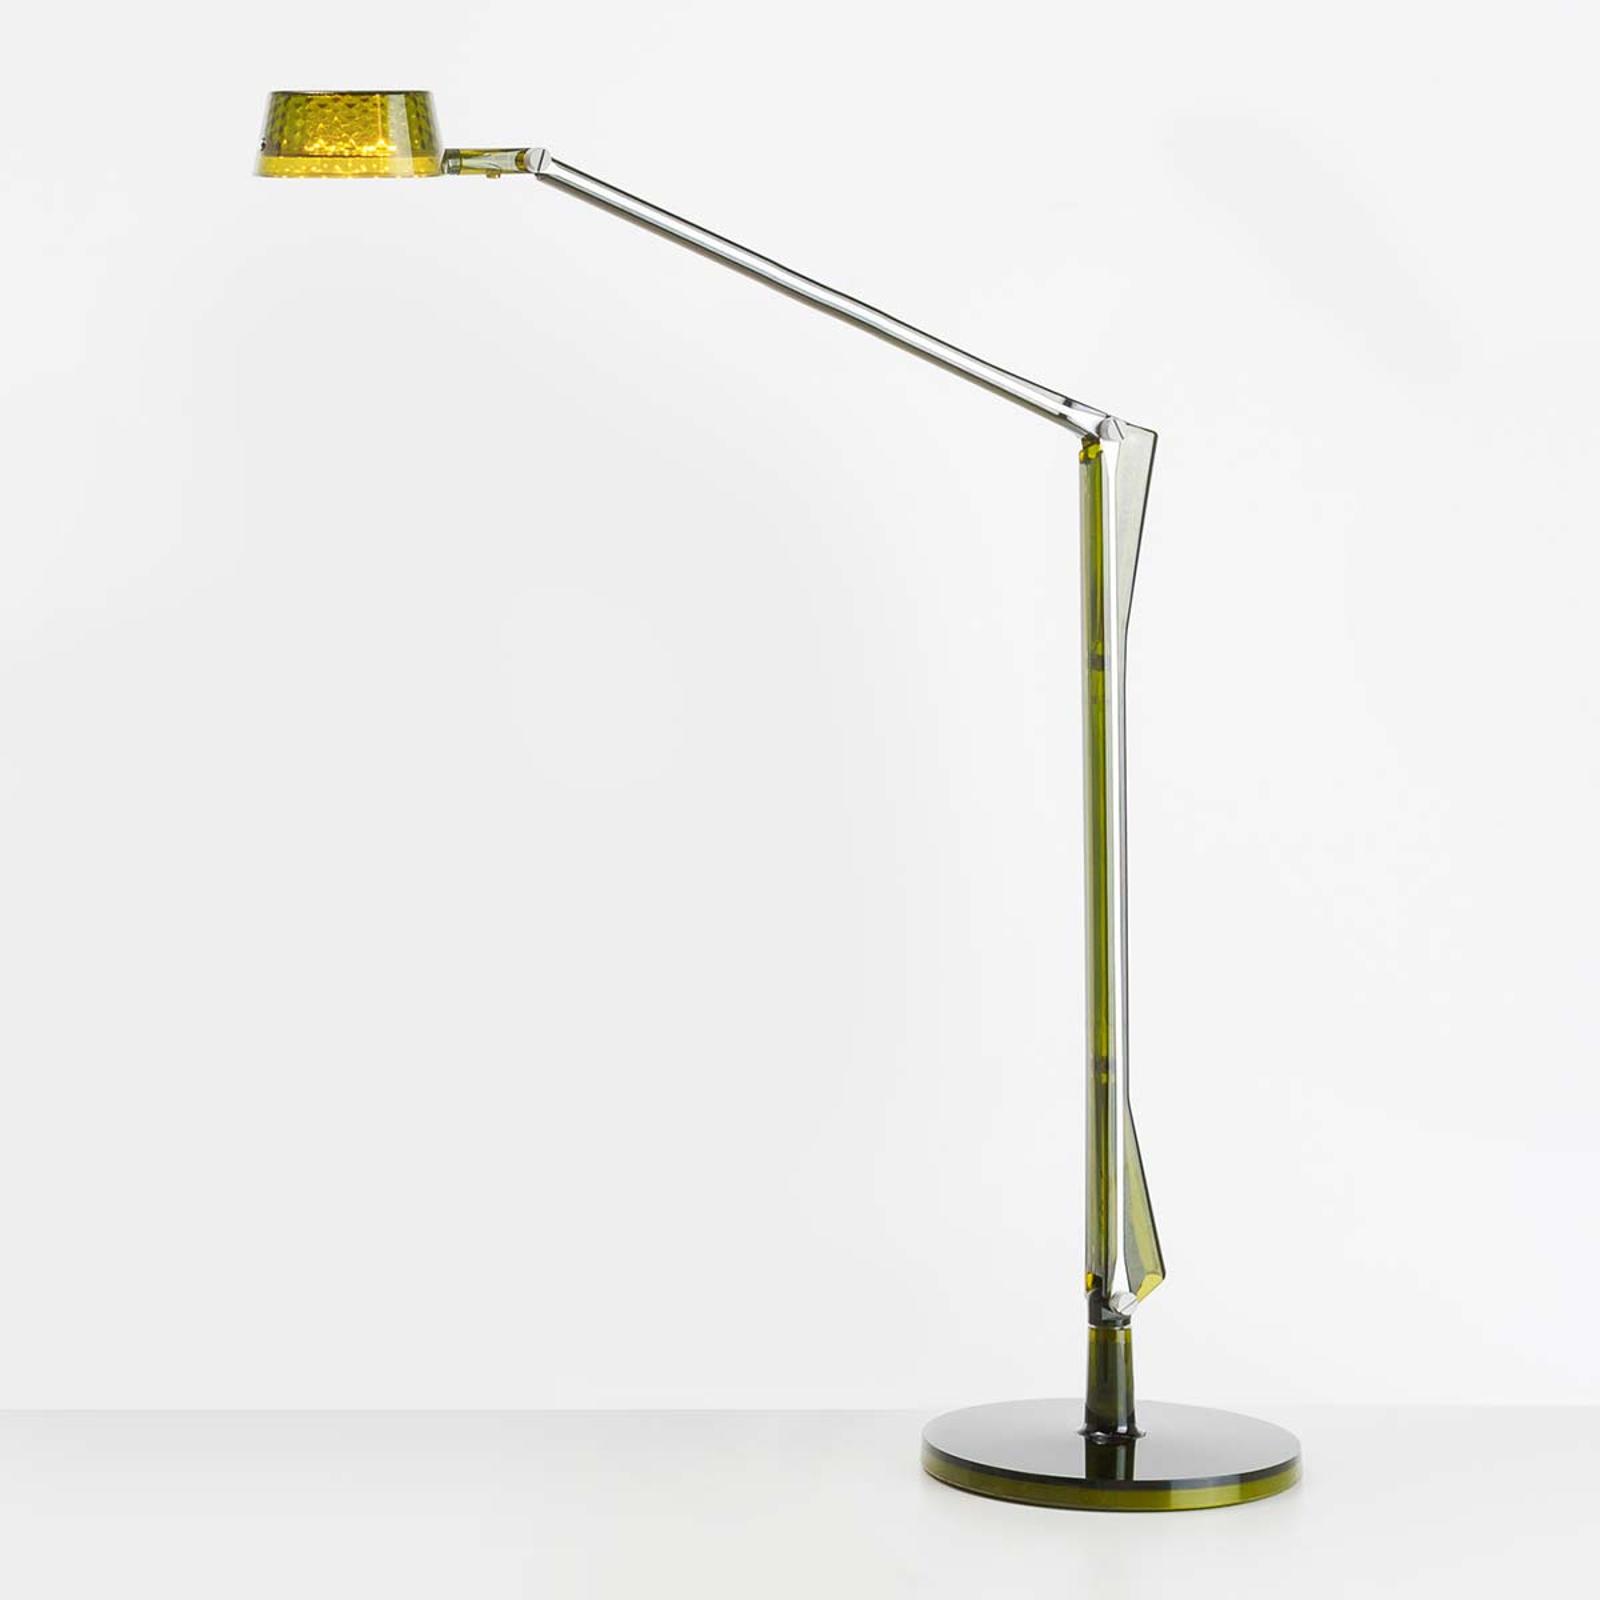 Säädettävä LED-pöytälamppu Aledin Dec, vihreä